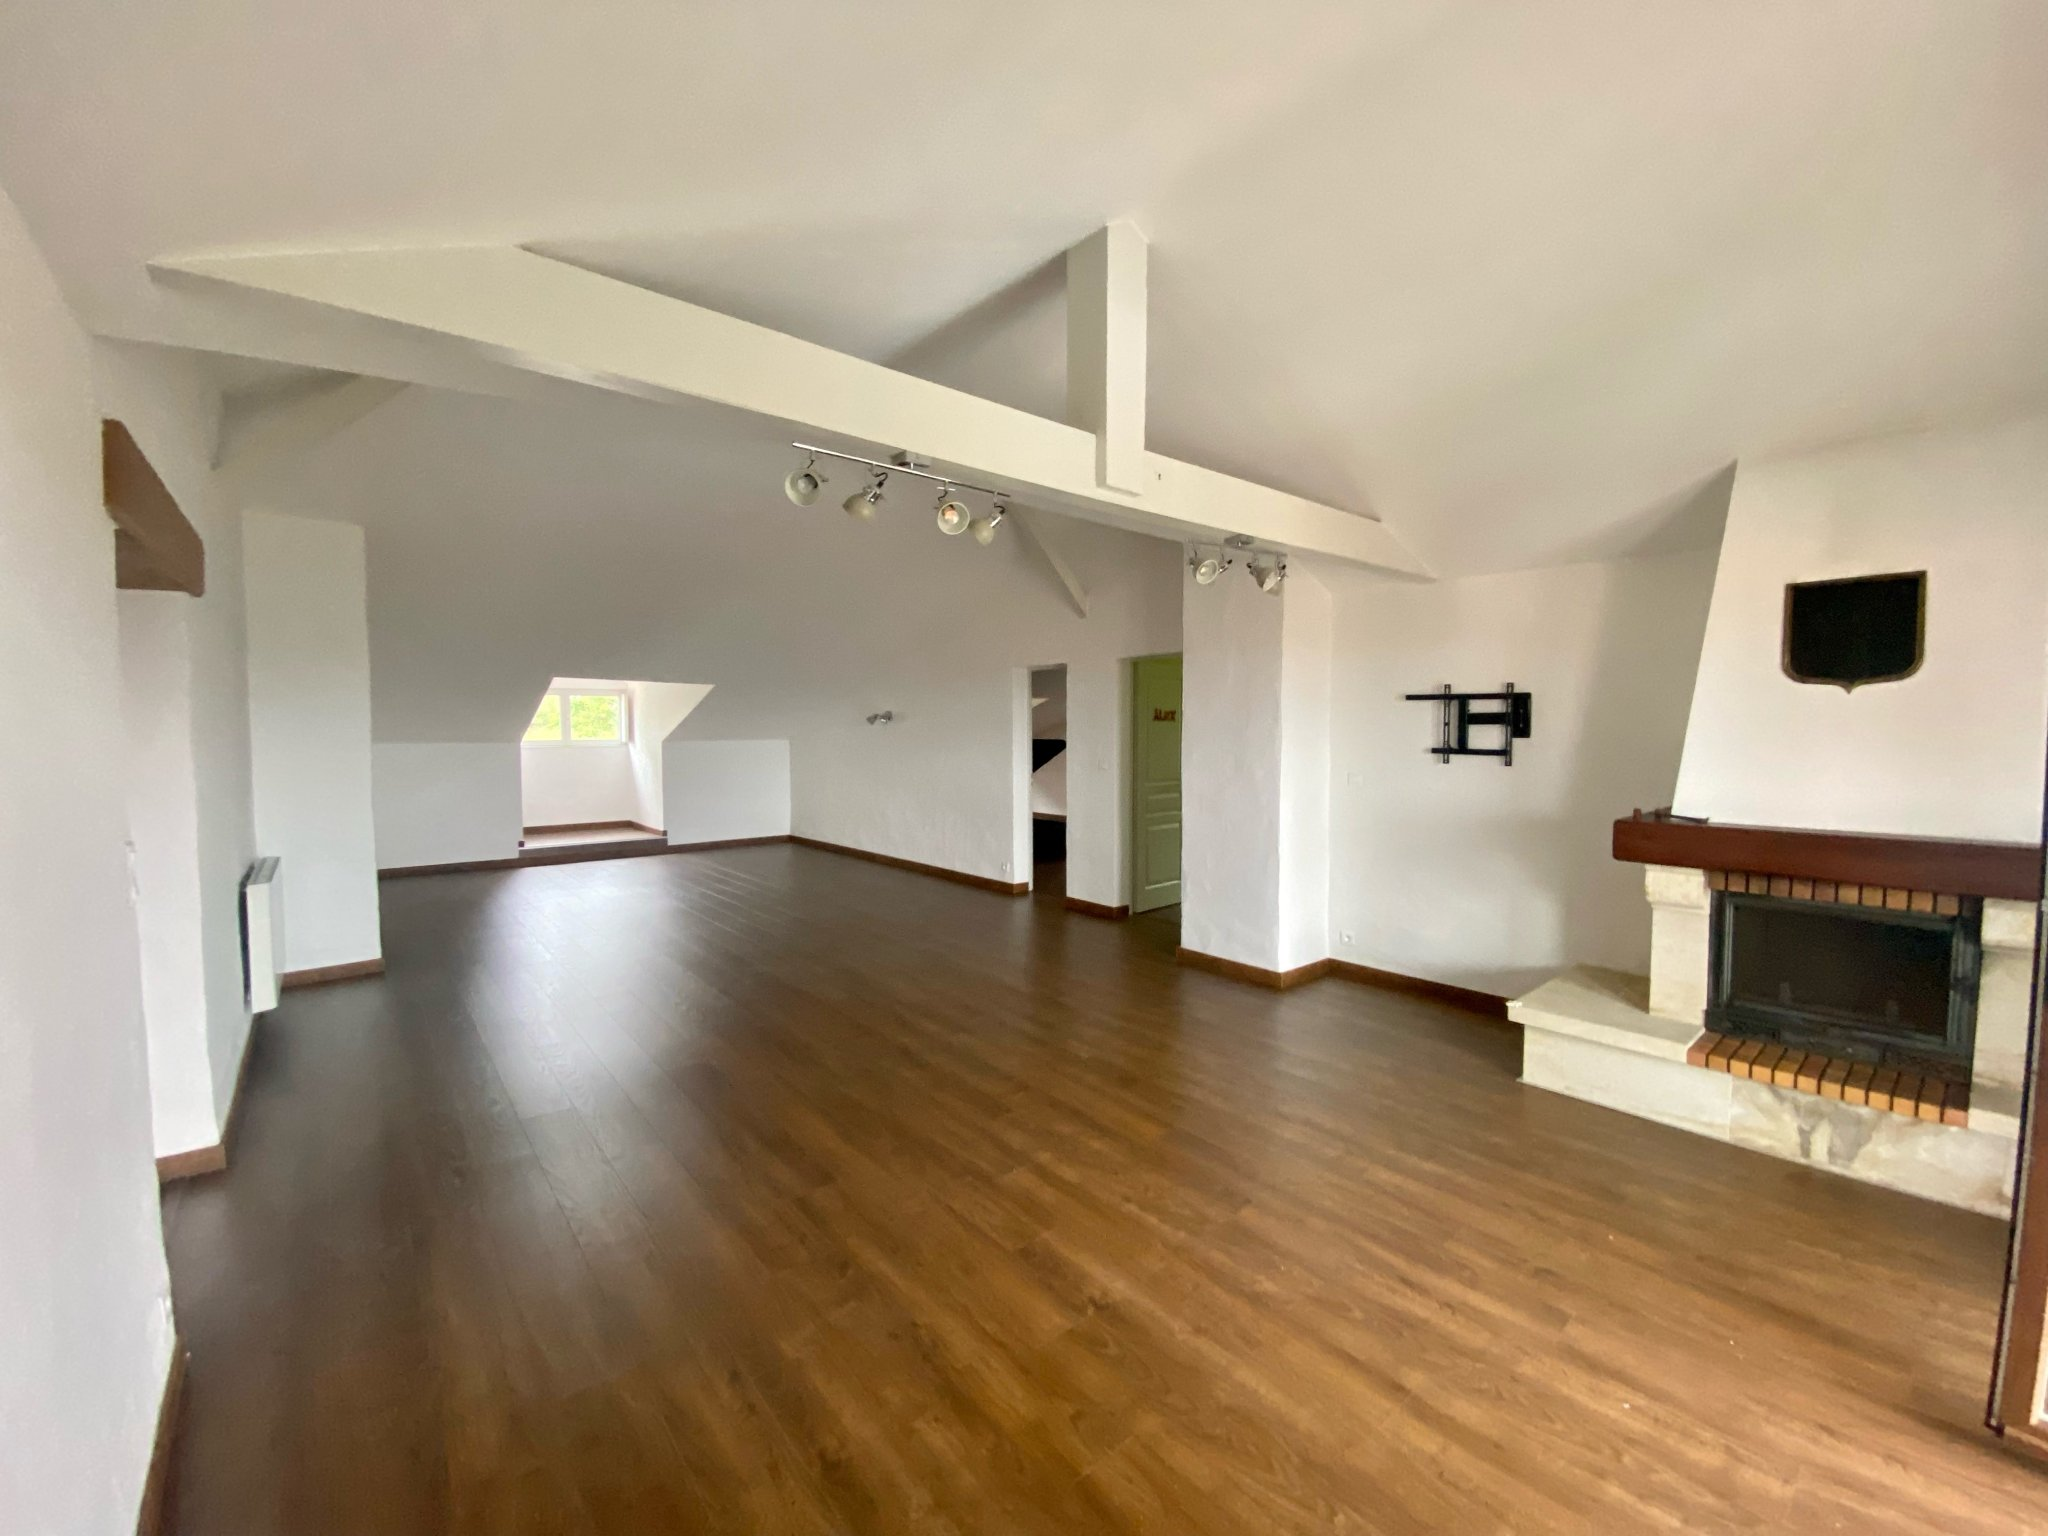 Biens en vente Appartement biarritz